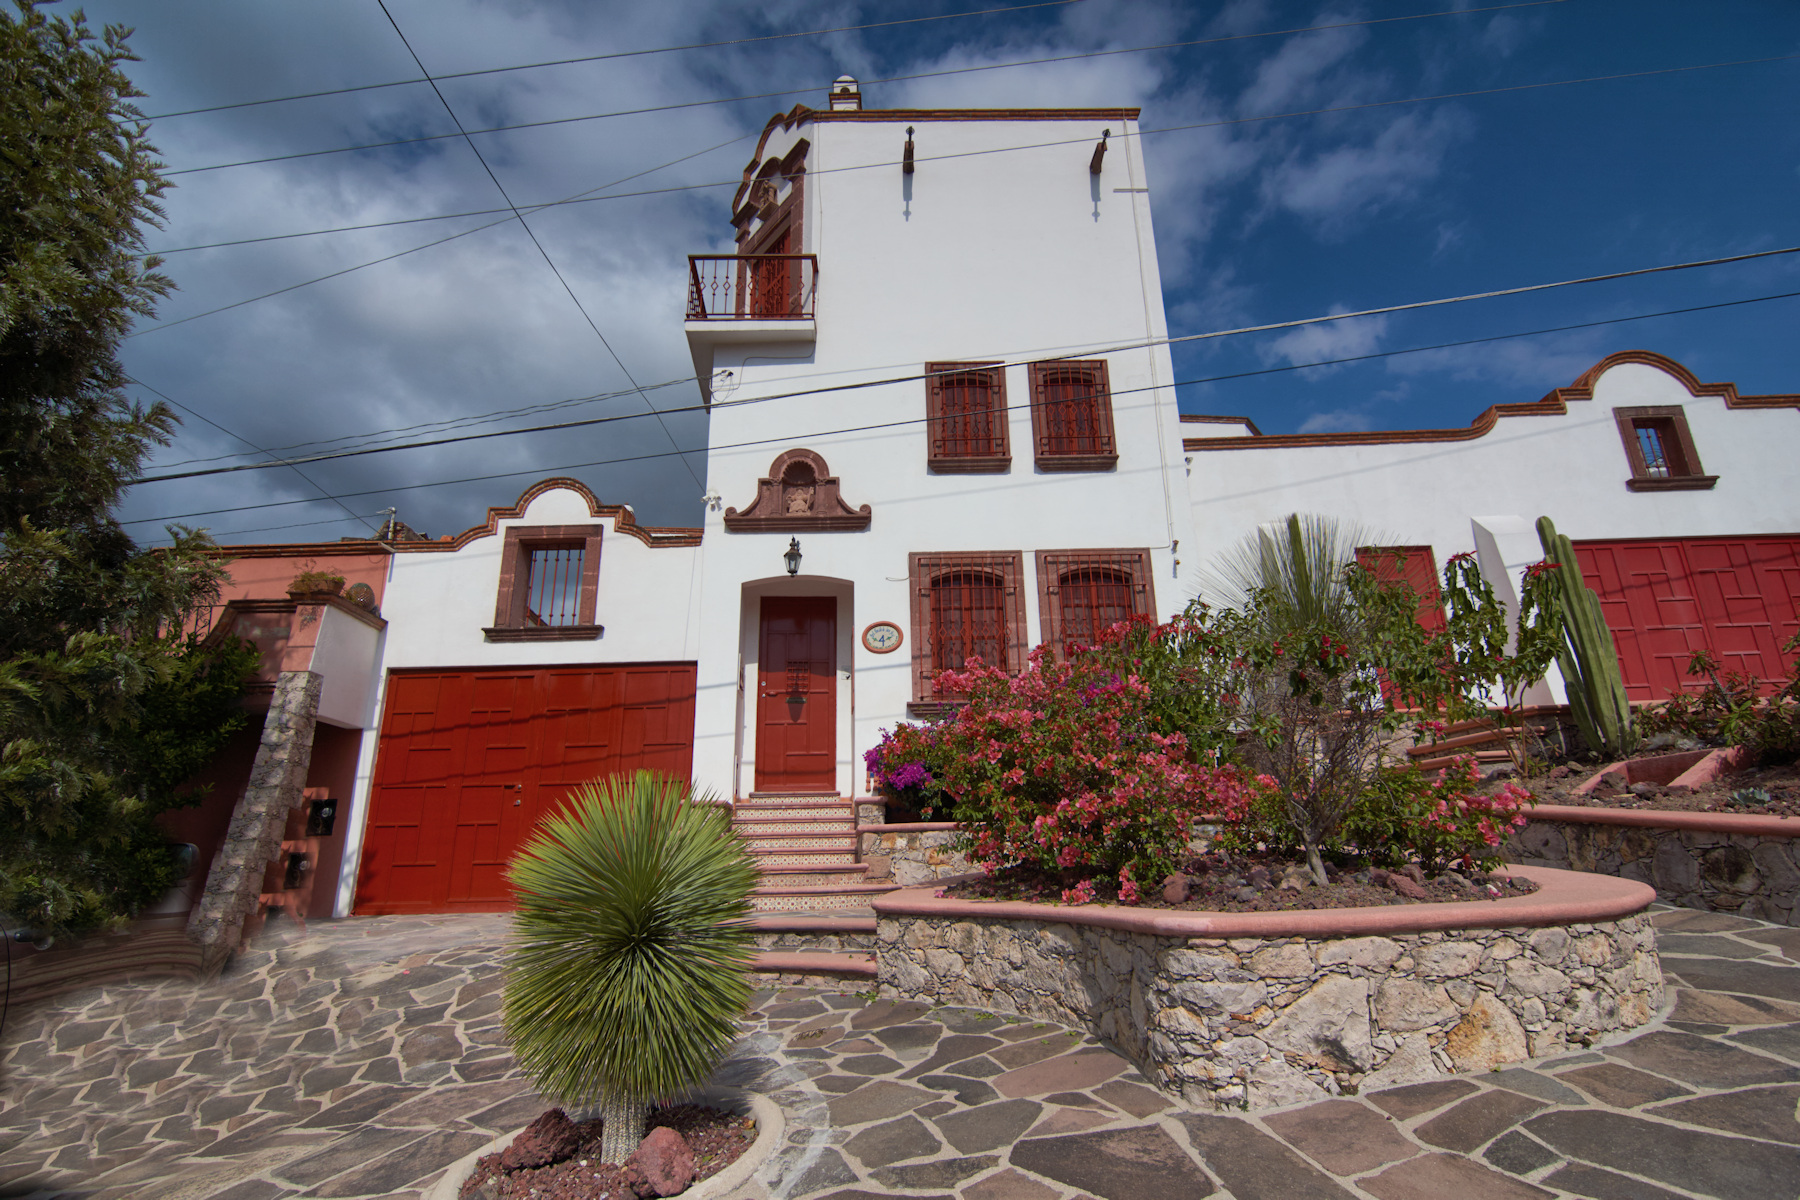 Single Family Home for Sale at Casa Bovedas Centro, San Miguel De Allende, Guanajuato Mexico